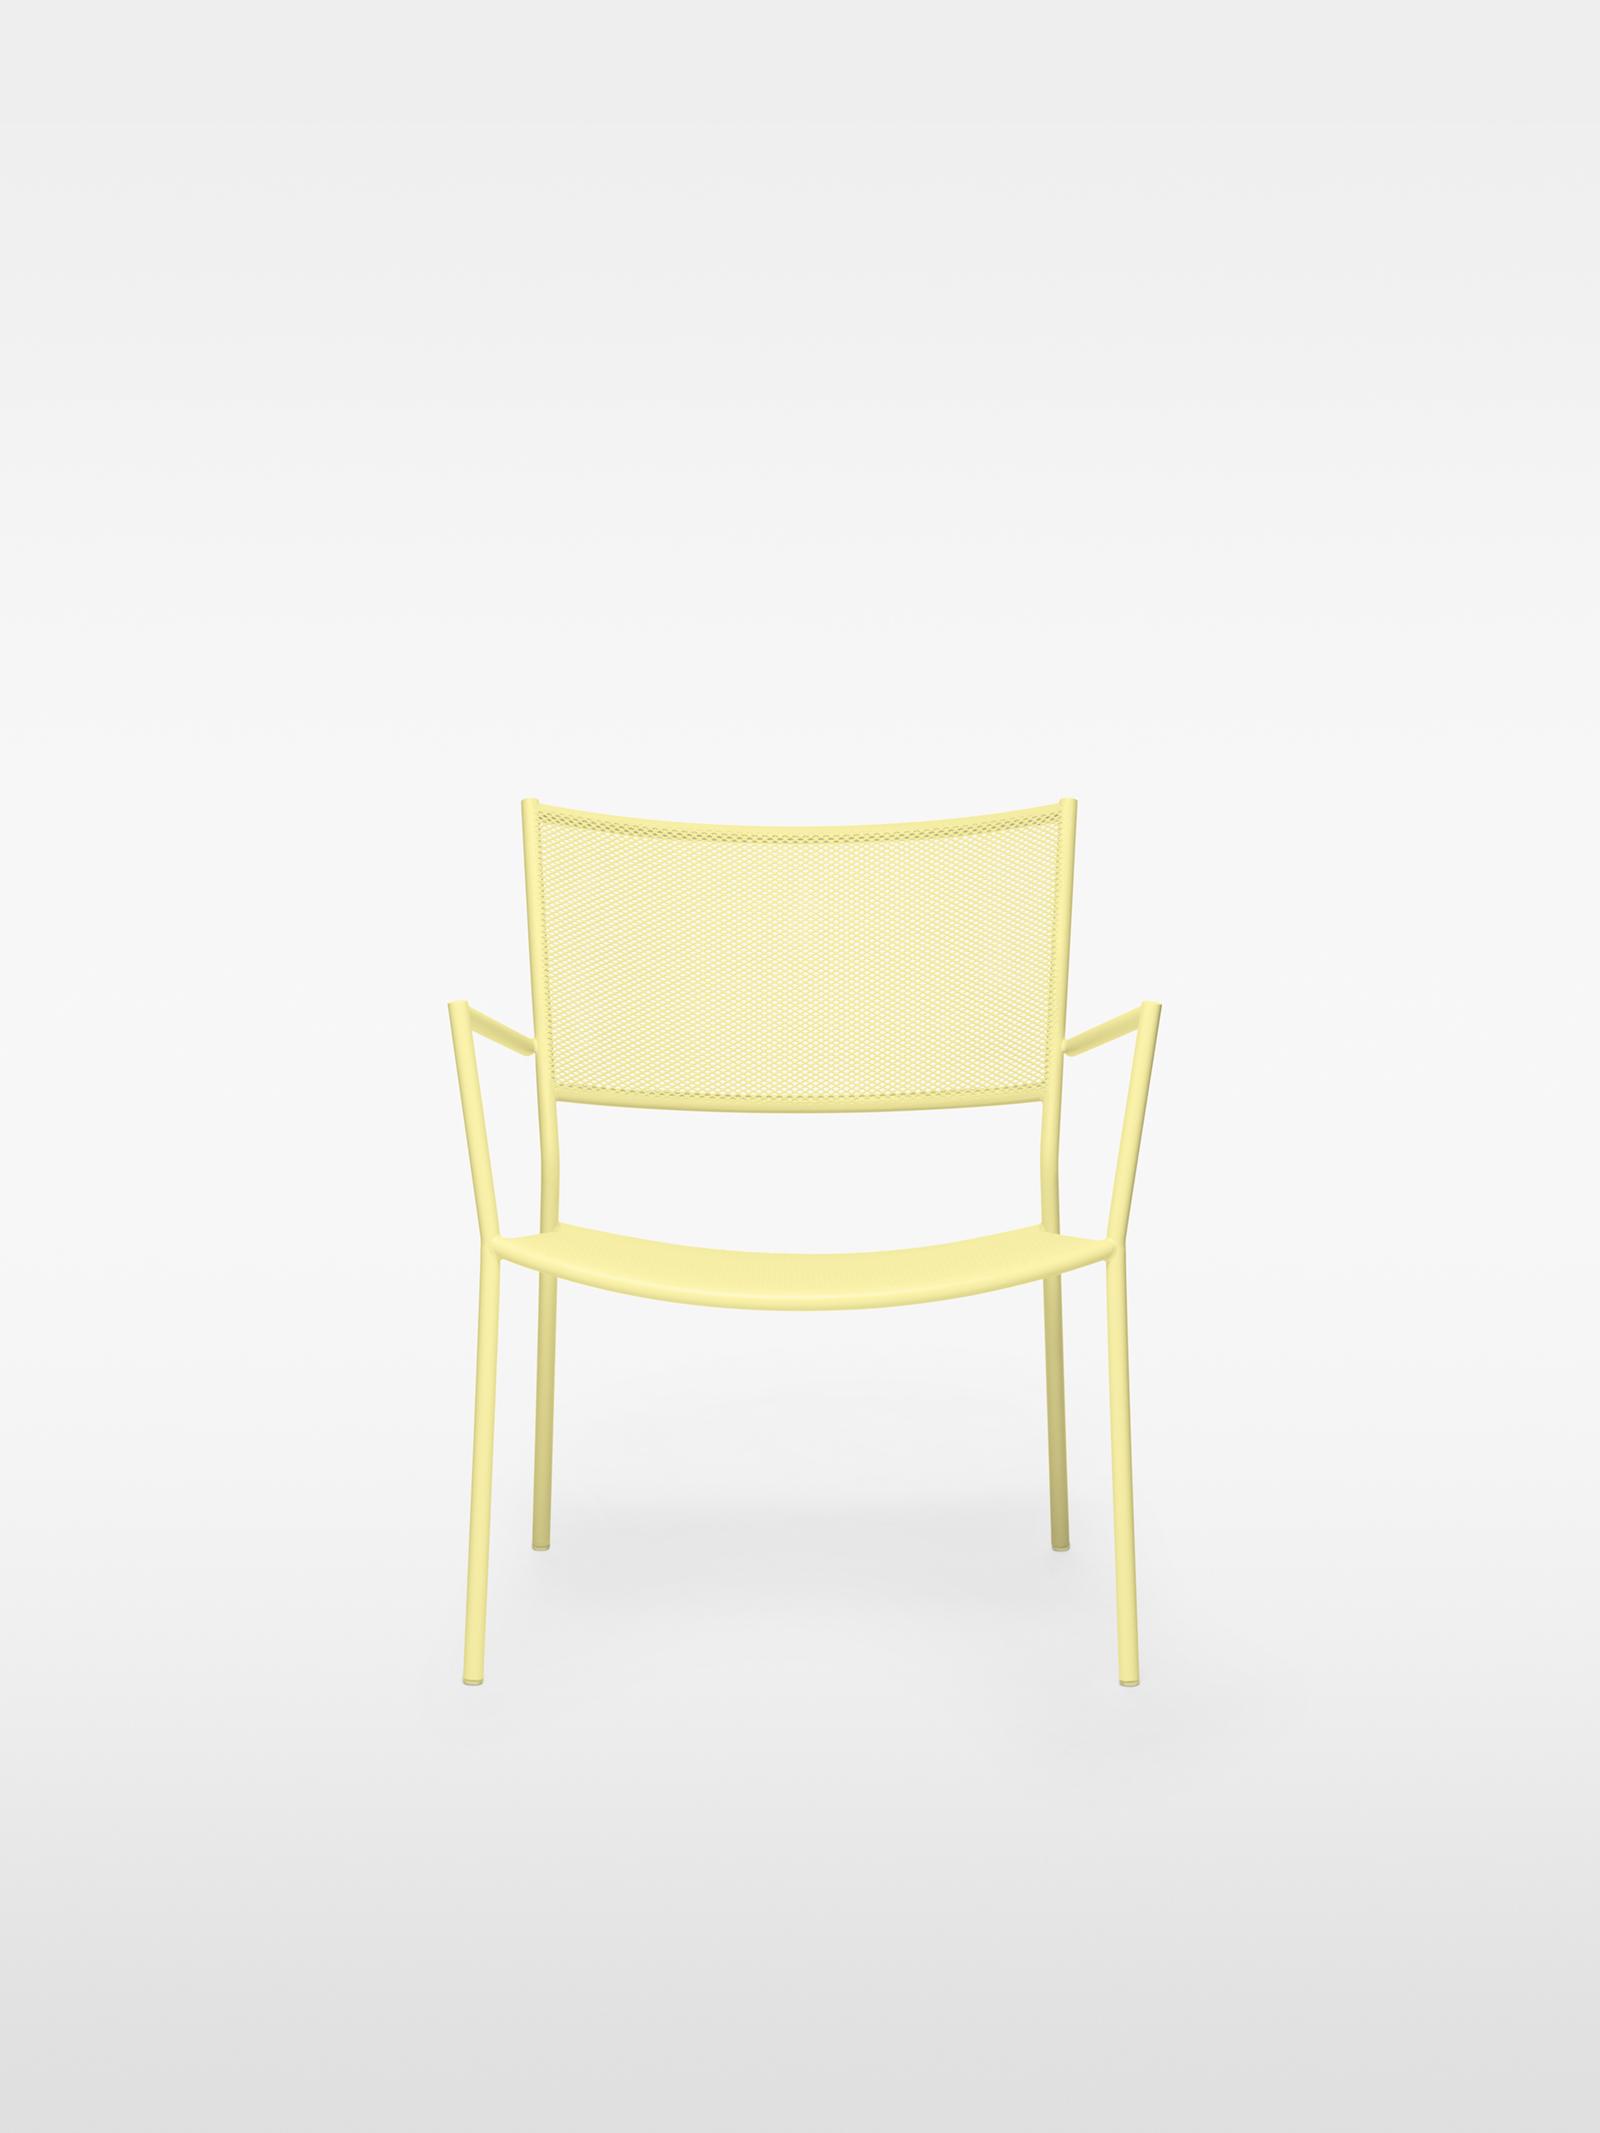 TinnappelMetz-massproductions-Jig-Easy-Chair-2